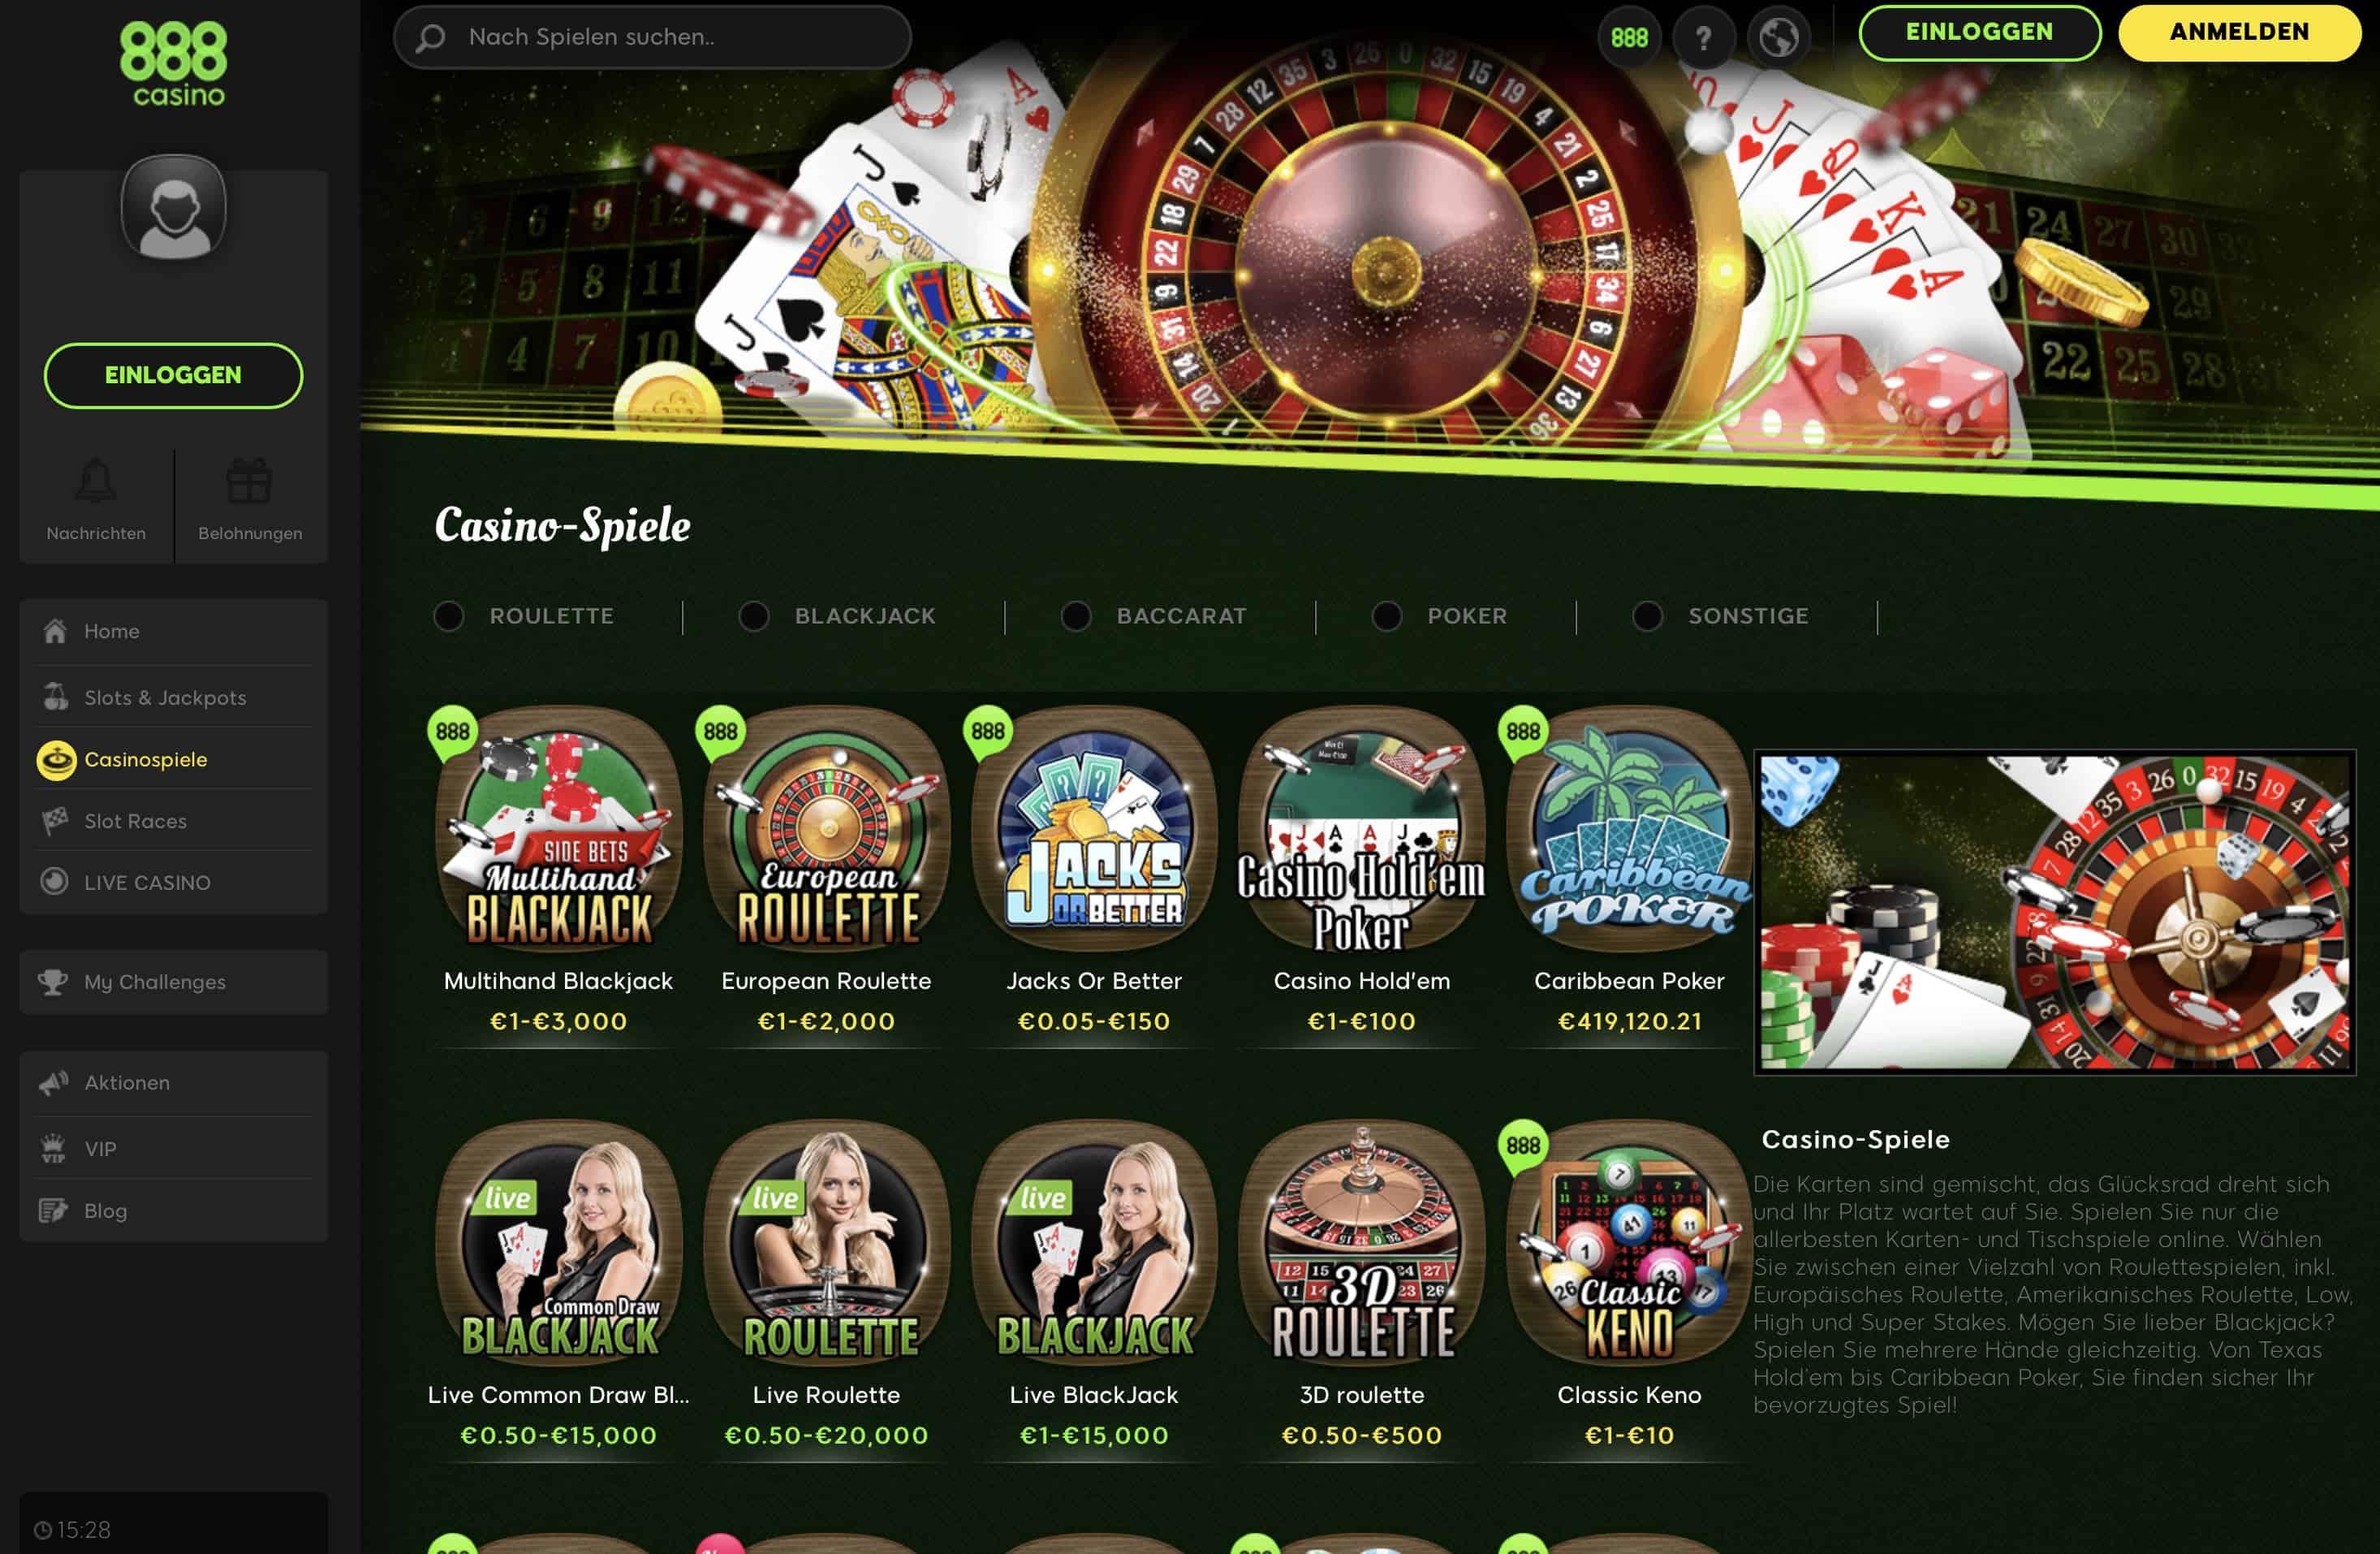 888 casino öffnet nicht